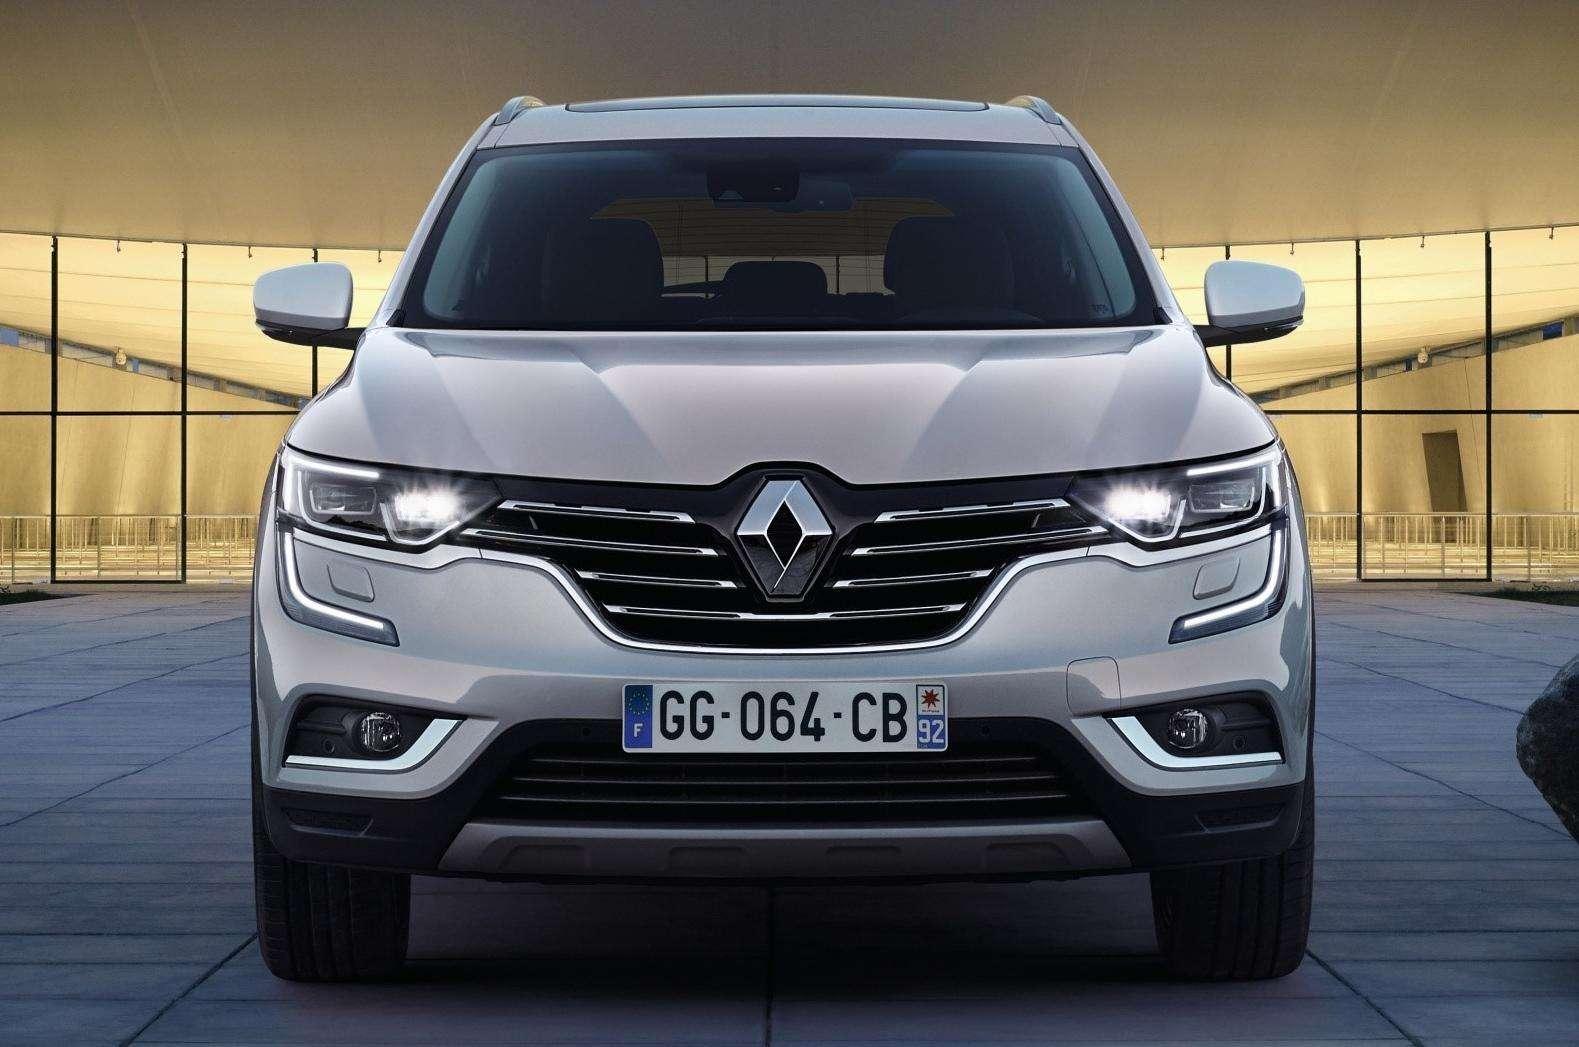 Renault_77489_global_en